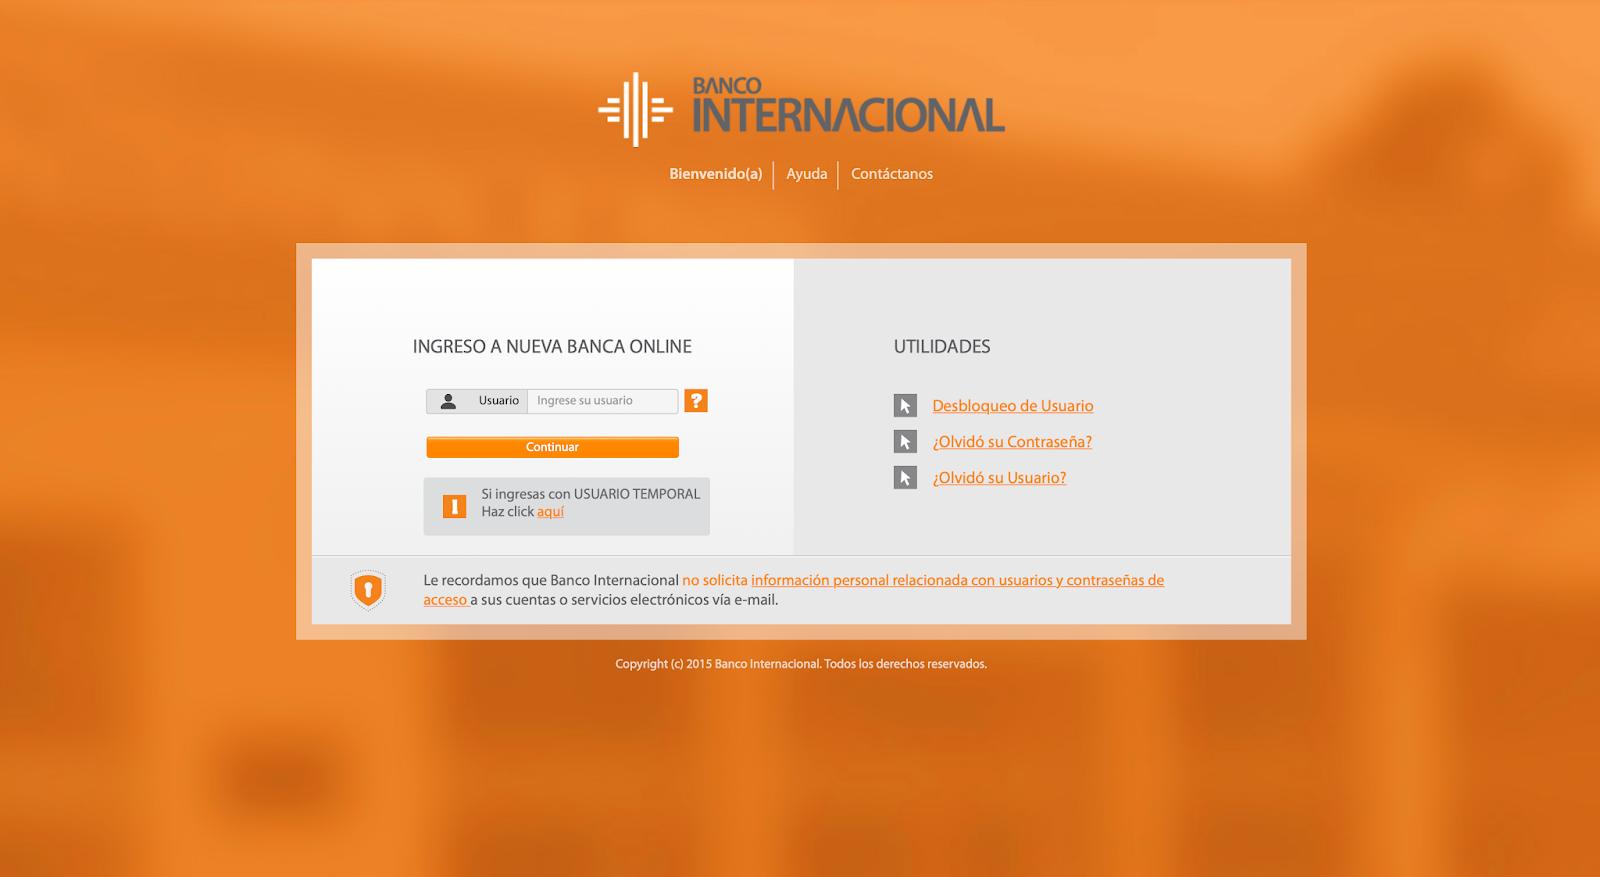 Banco Internacional pone a disposición sus servicios digitales para evitar salir de sus casas